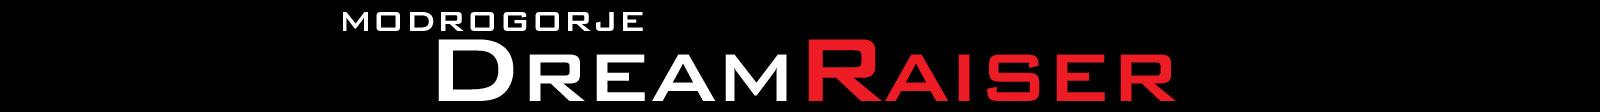 ModroGorje DreamRaiser banner